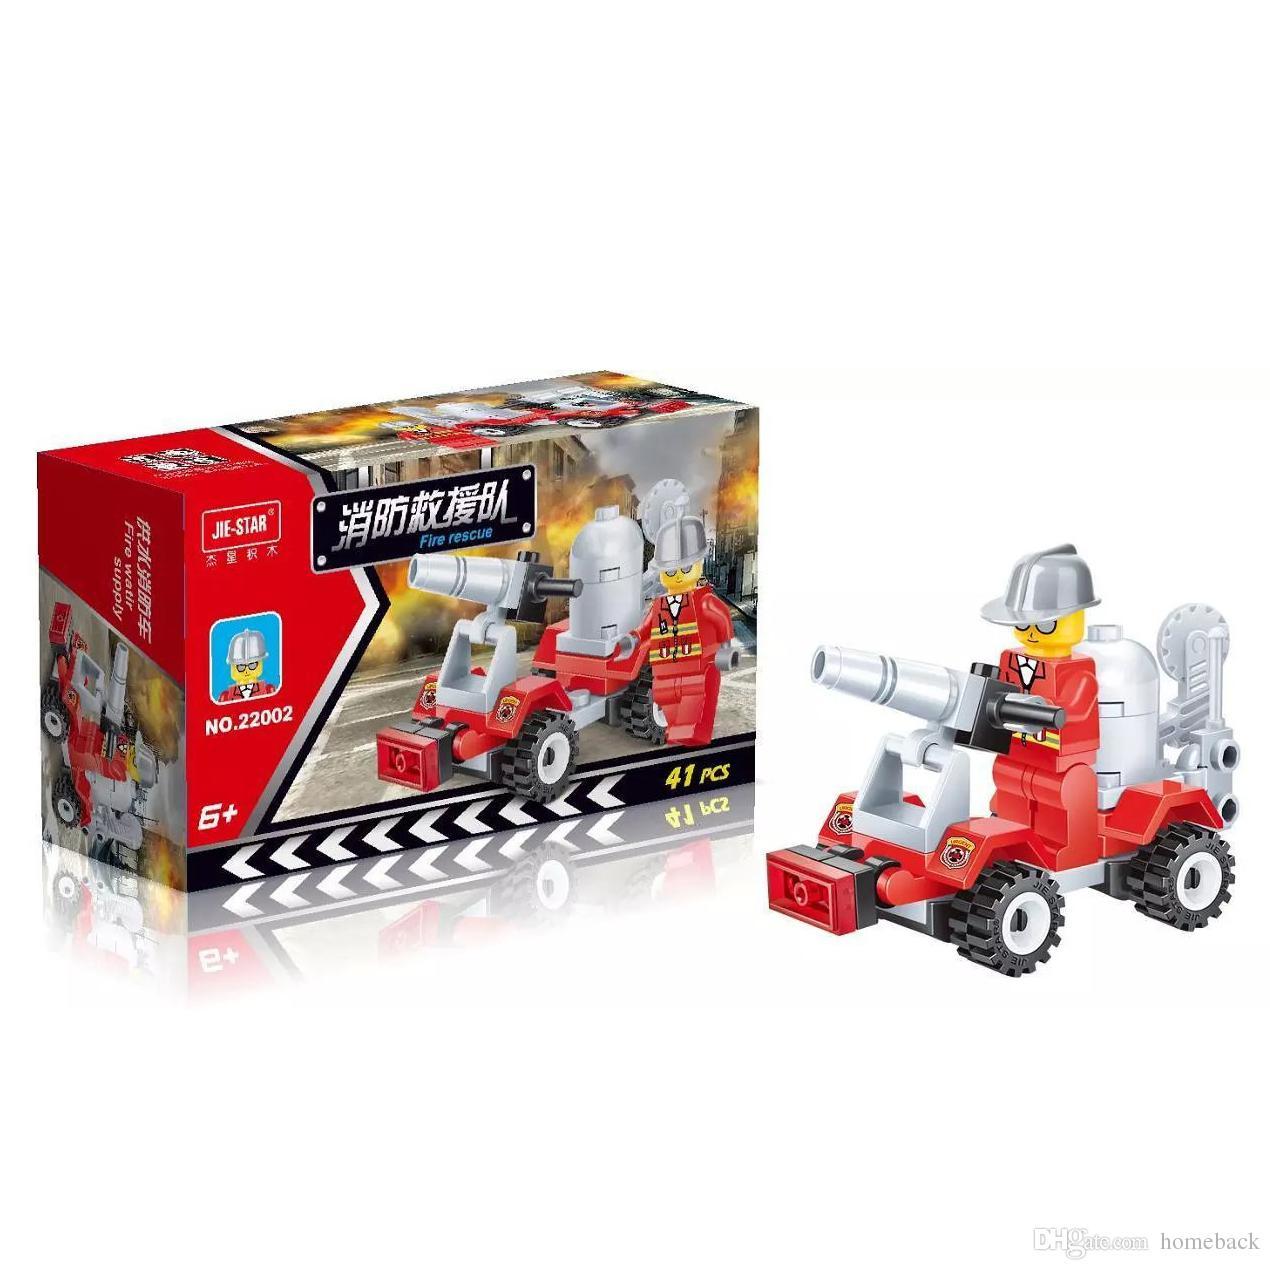 Ücretsiz DHL 41 ADET / TAKıM Şehir Yangın Kurtarma Araç Araba Modeli Yapı Taşları Set Çocuk Eğitim Bulmaca Oyuncaklar Çocuk Hediyeler